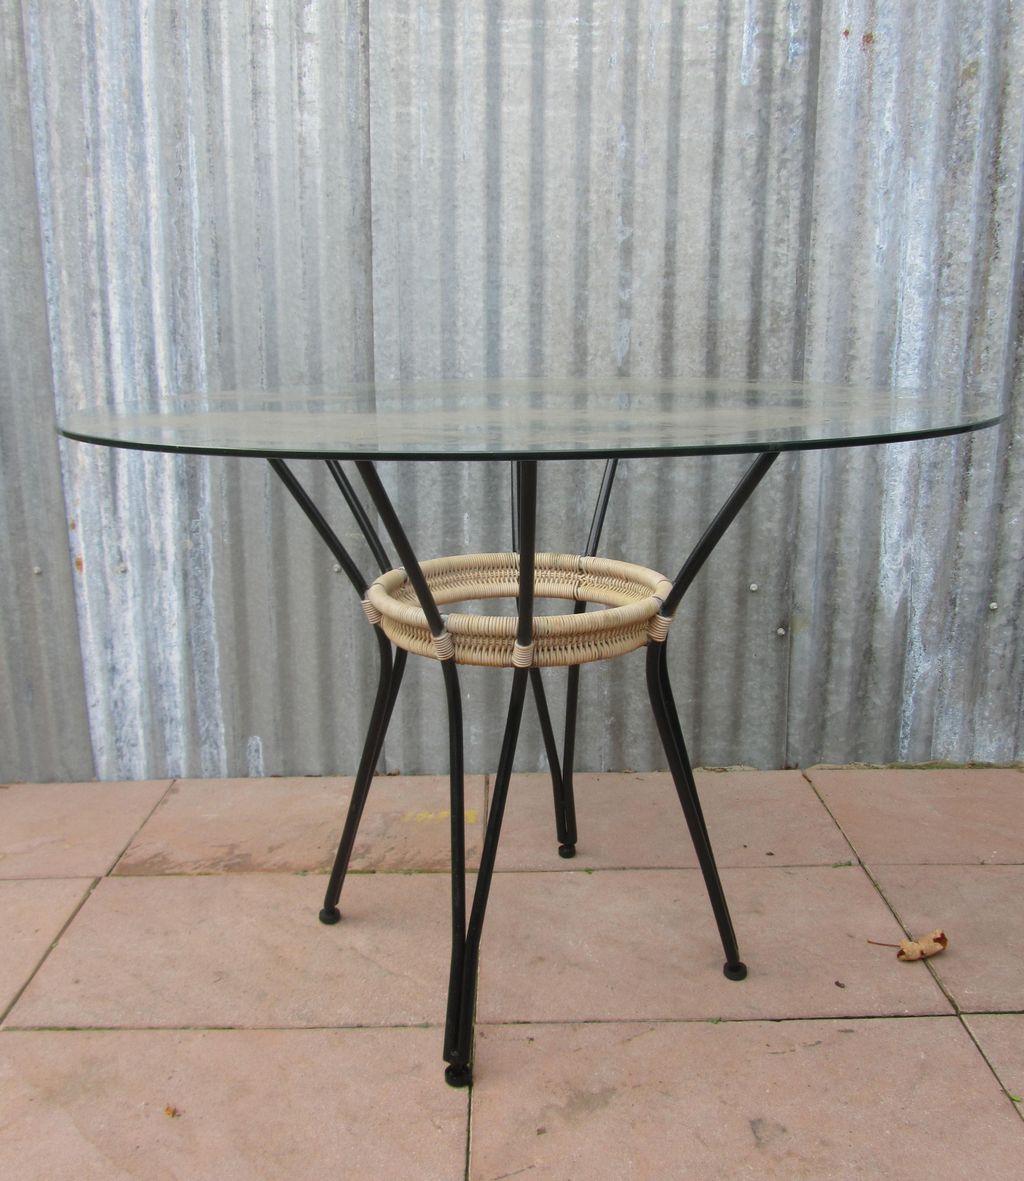 Tuintafel Met Glazen Blad.Vintage Tafel Van Metaal En Waslijn Met Glazen Blad